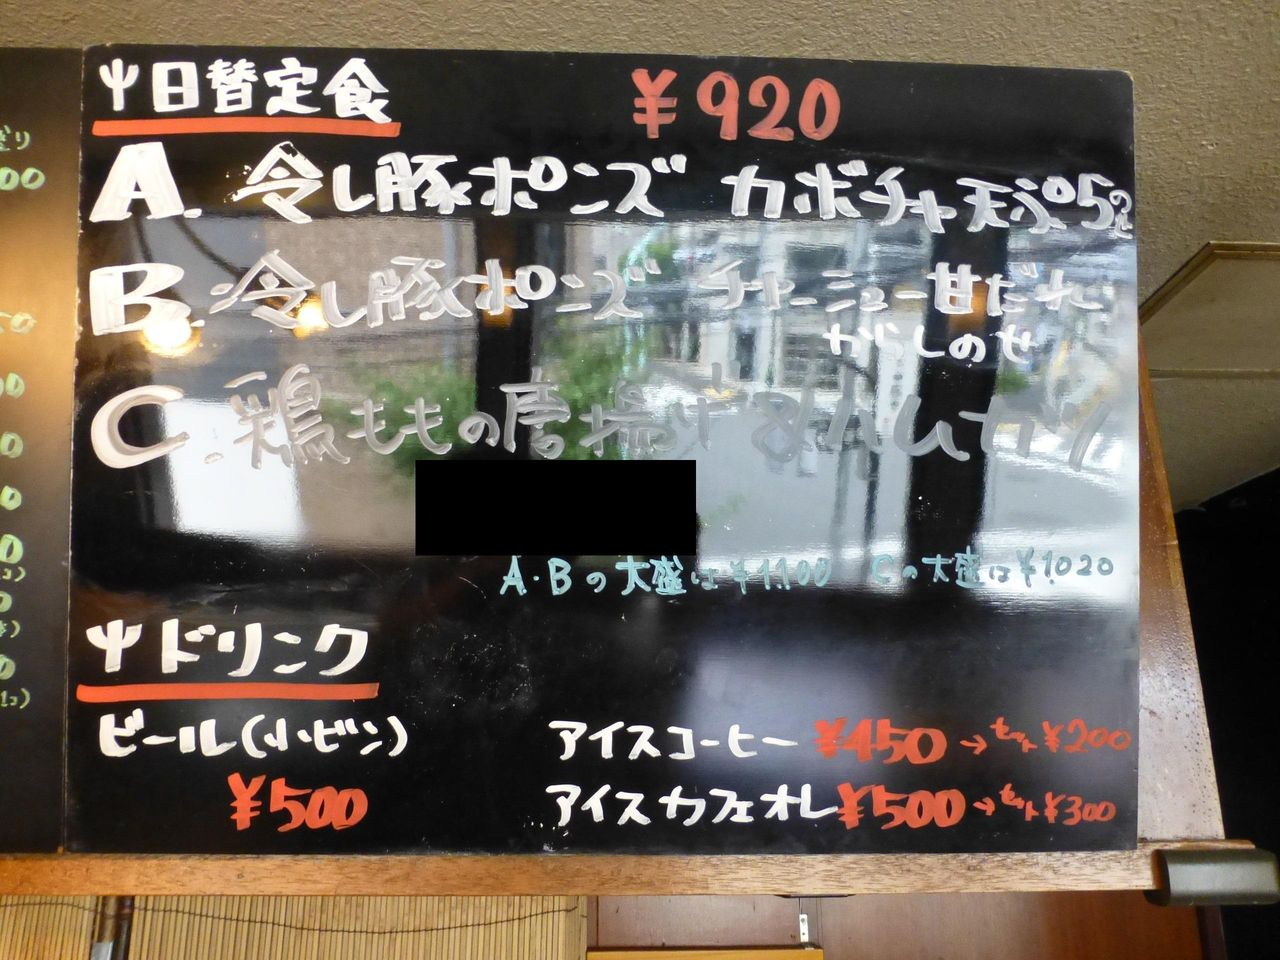 金魚鉢のメニュー(26年8月現在)